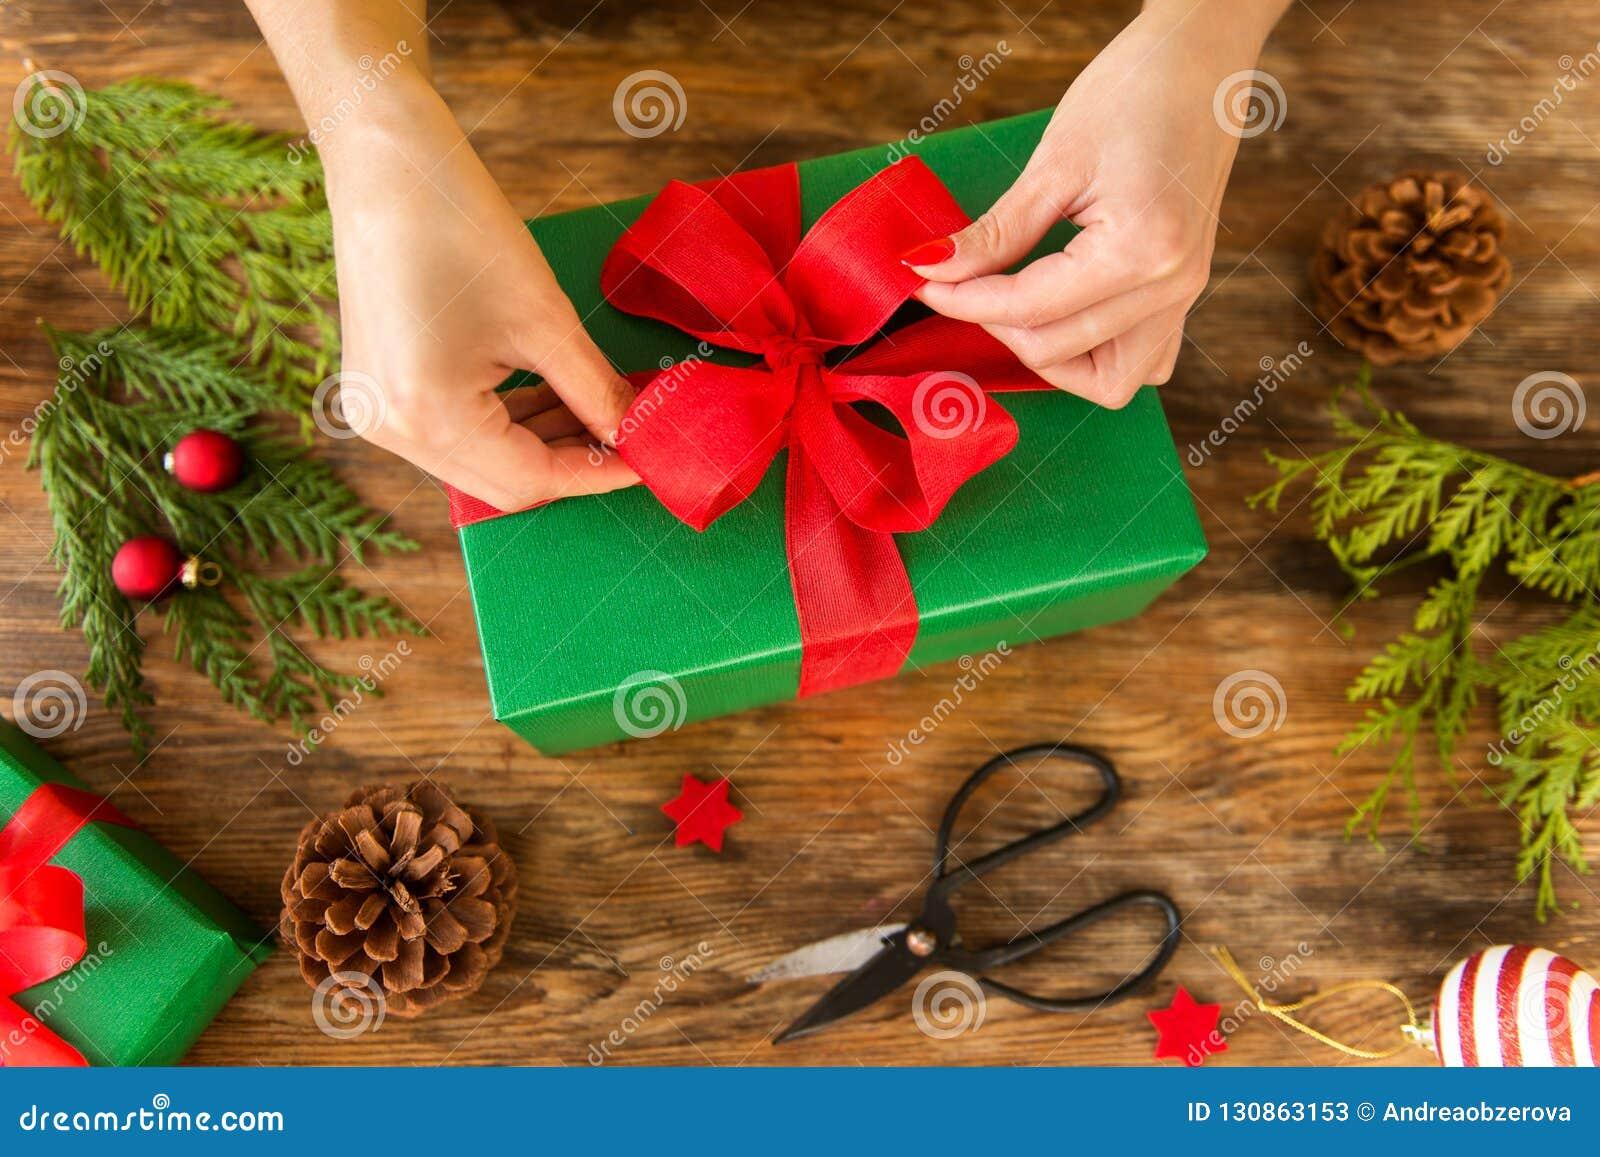 Christmas Gift Wrapping Station.Diy Gift Wrapping Woman Wrapping Beautiful Christmas Gifts